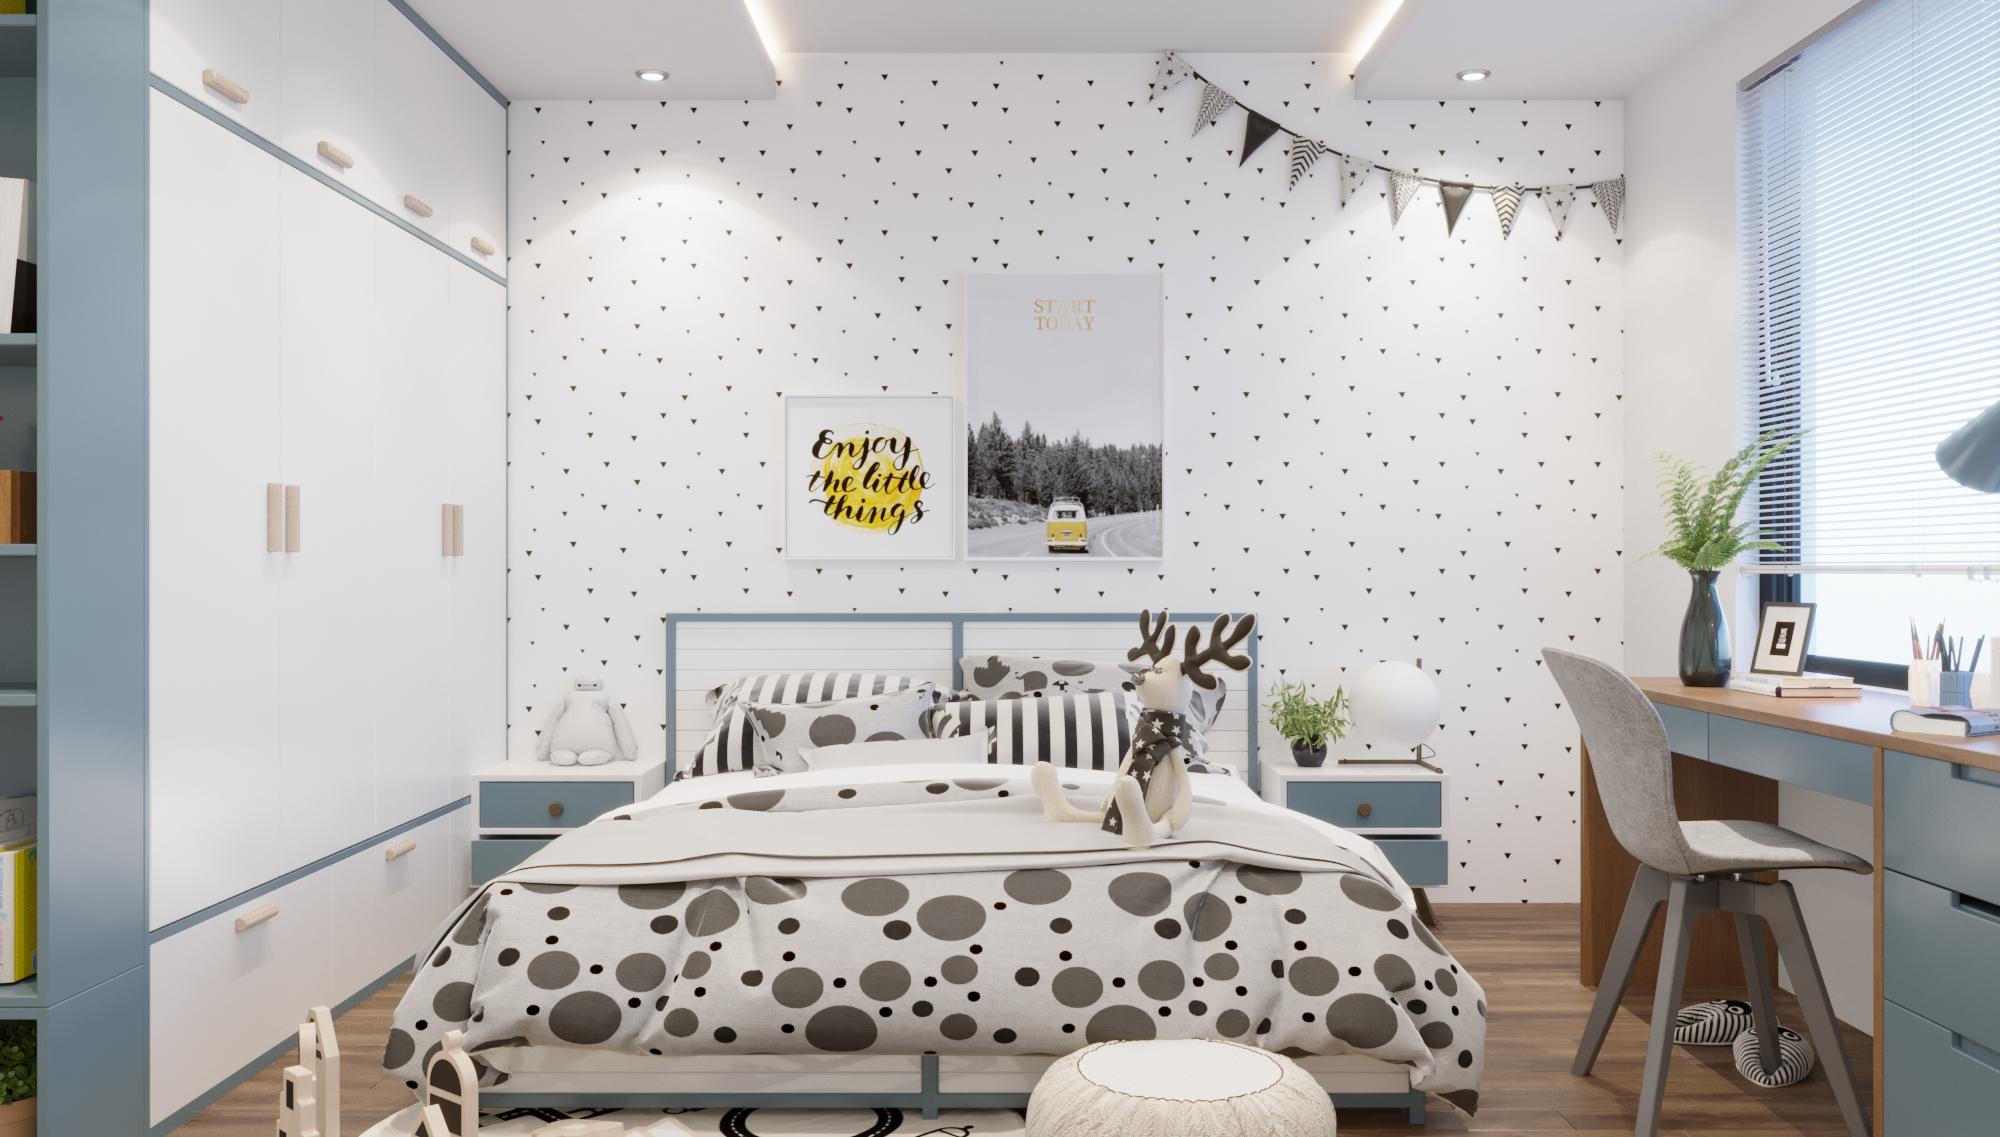 Không gian êm ái cùng chiếc giường ngộ nghĩnh